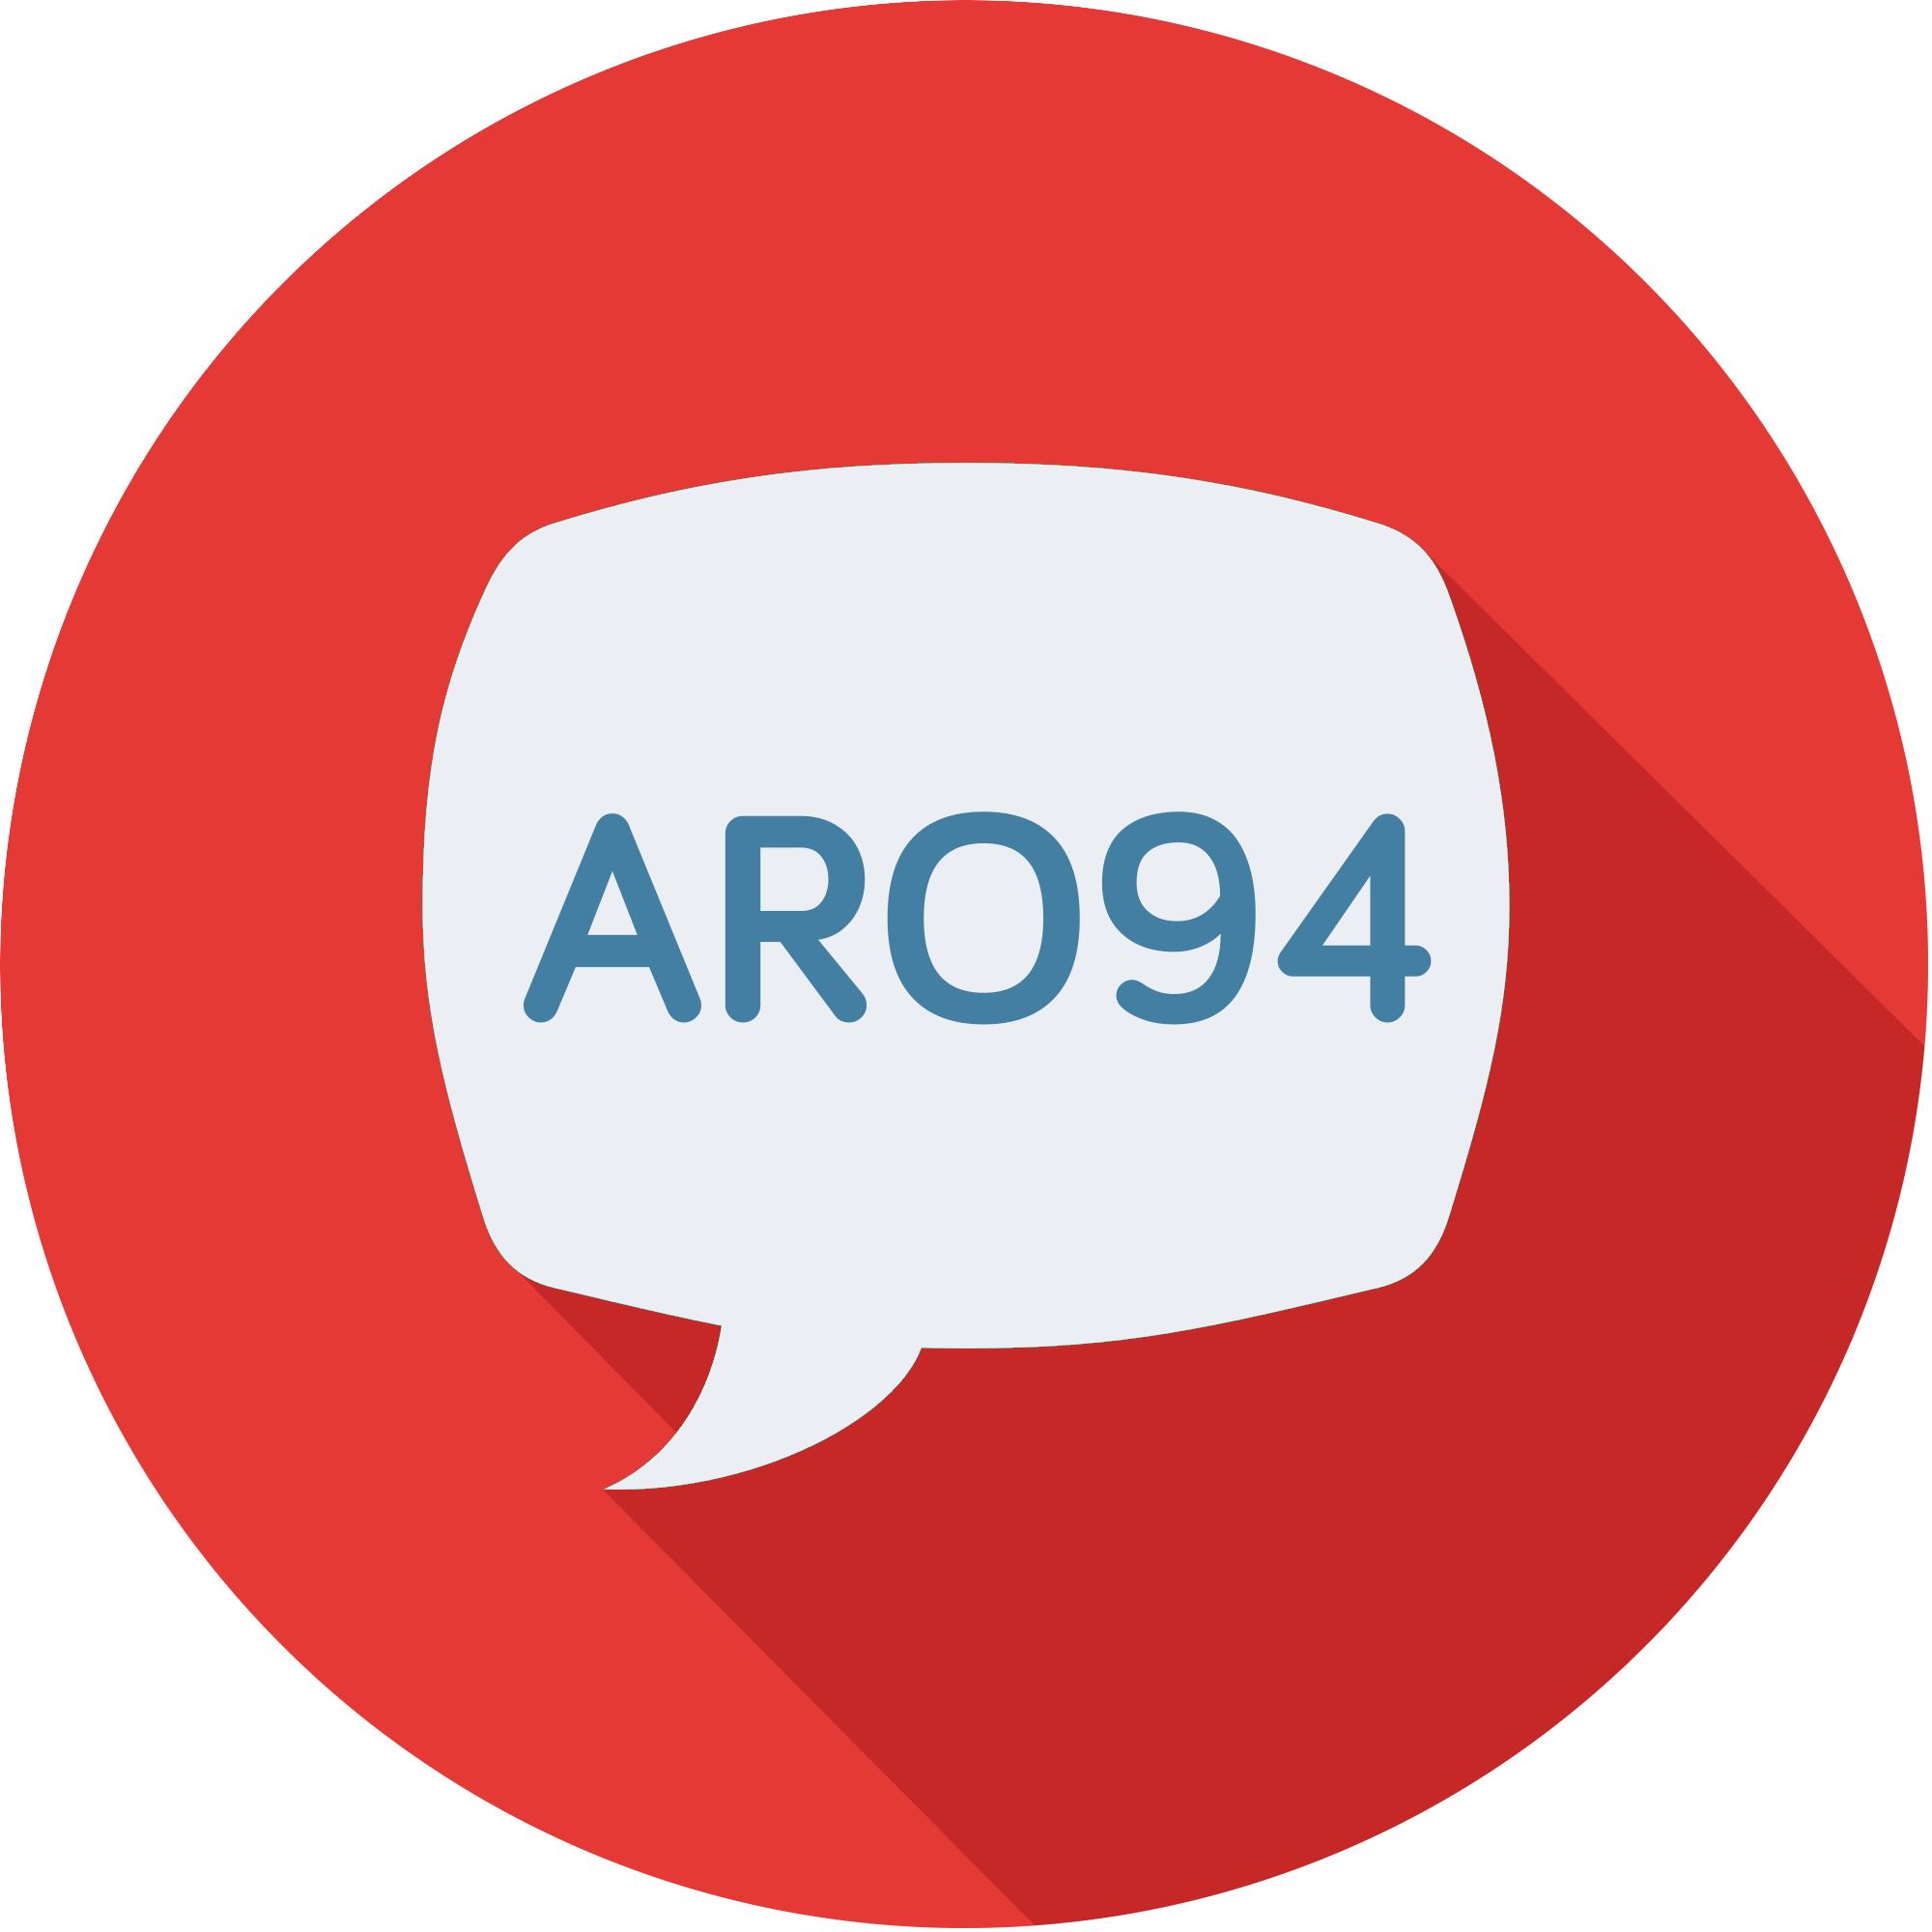 Aro94's blog